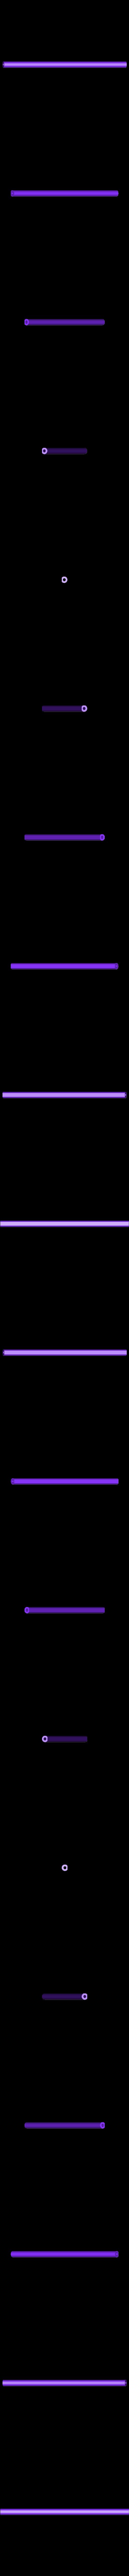 MercuryAxle.stl Télécharger fichier SCAD gratuit Planétarium mécanique • Plan pour impression 3D, Zippityboomba